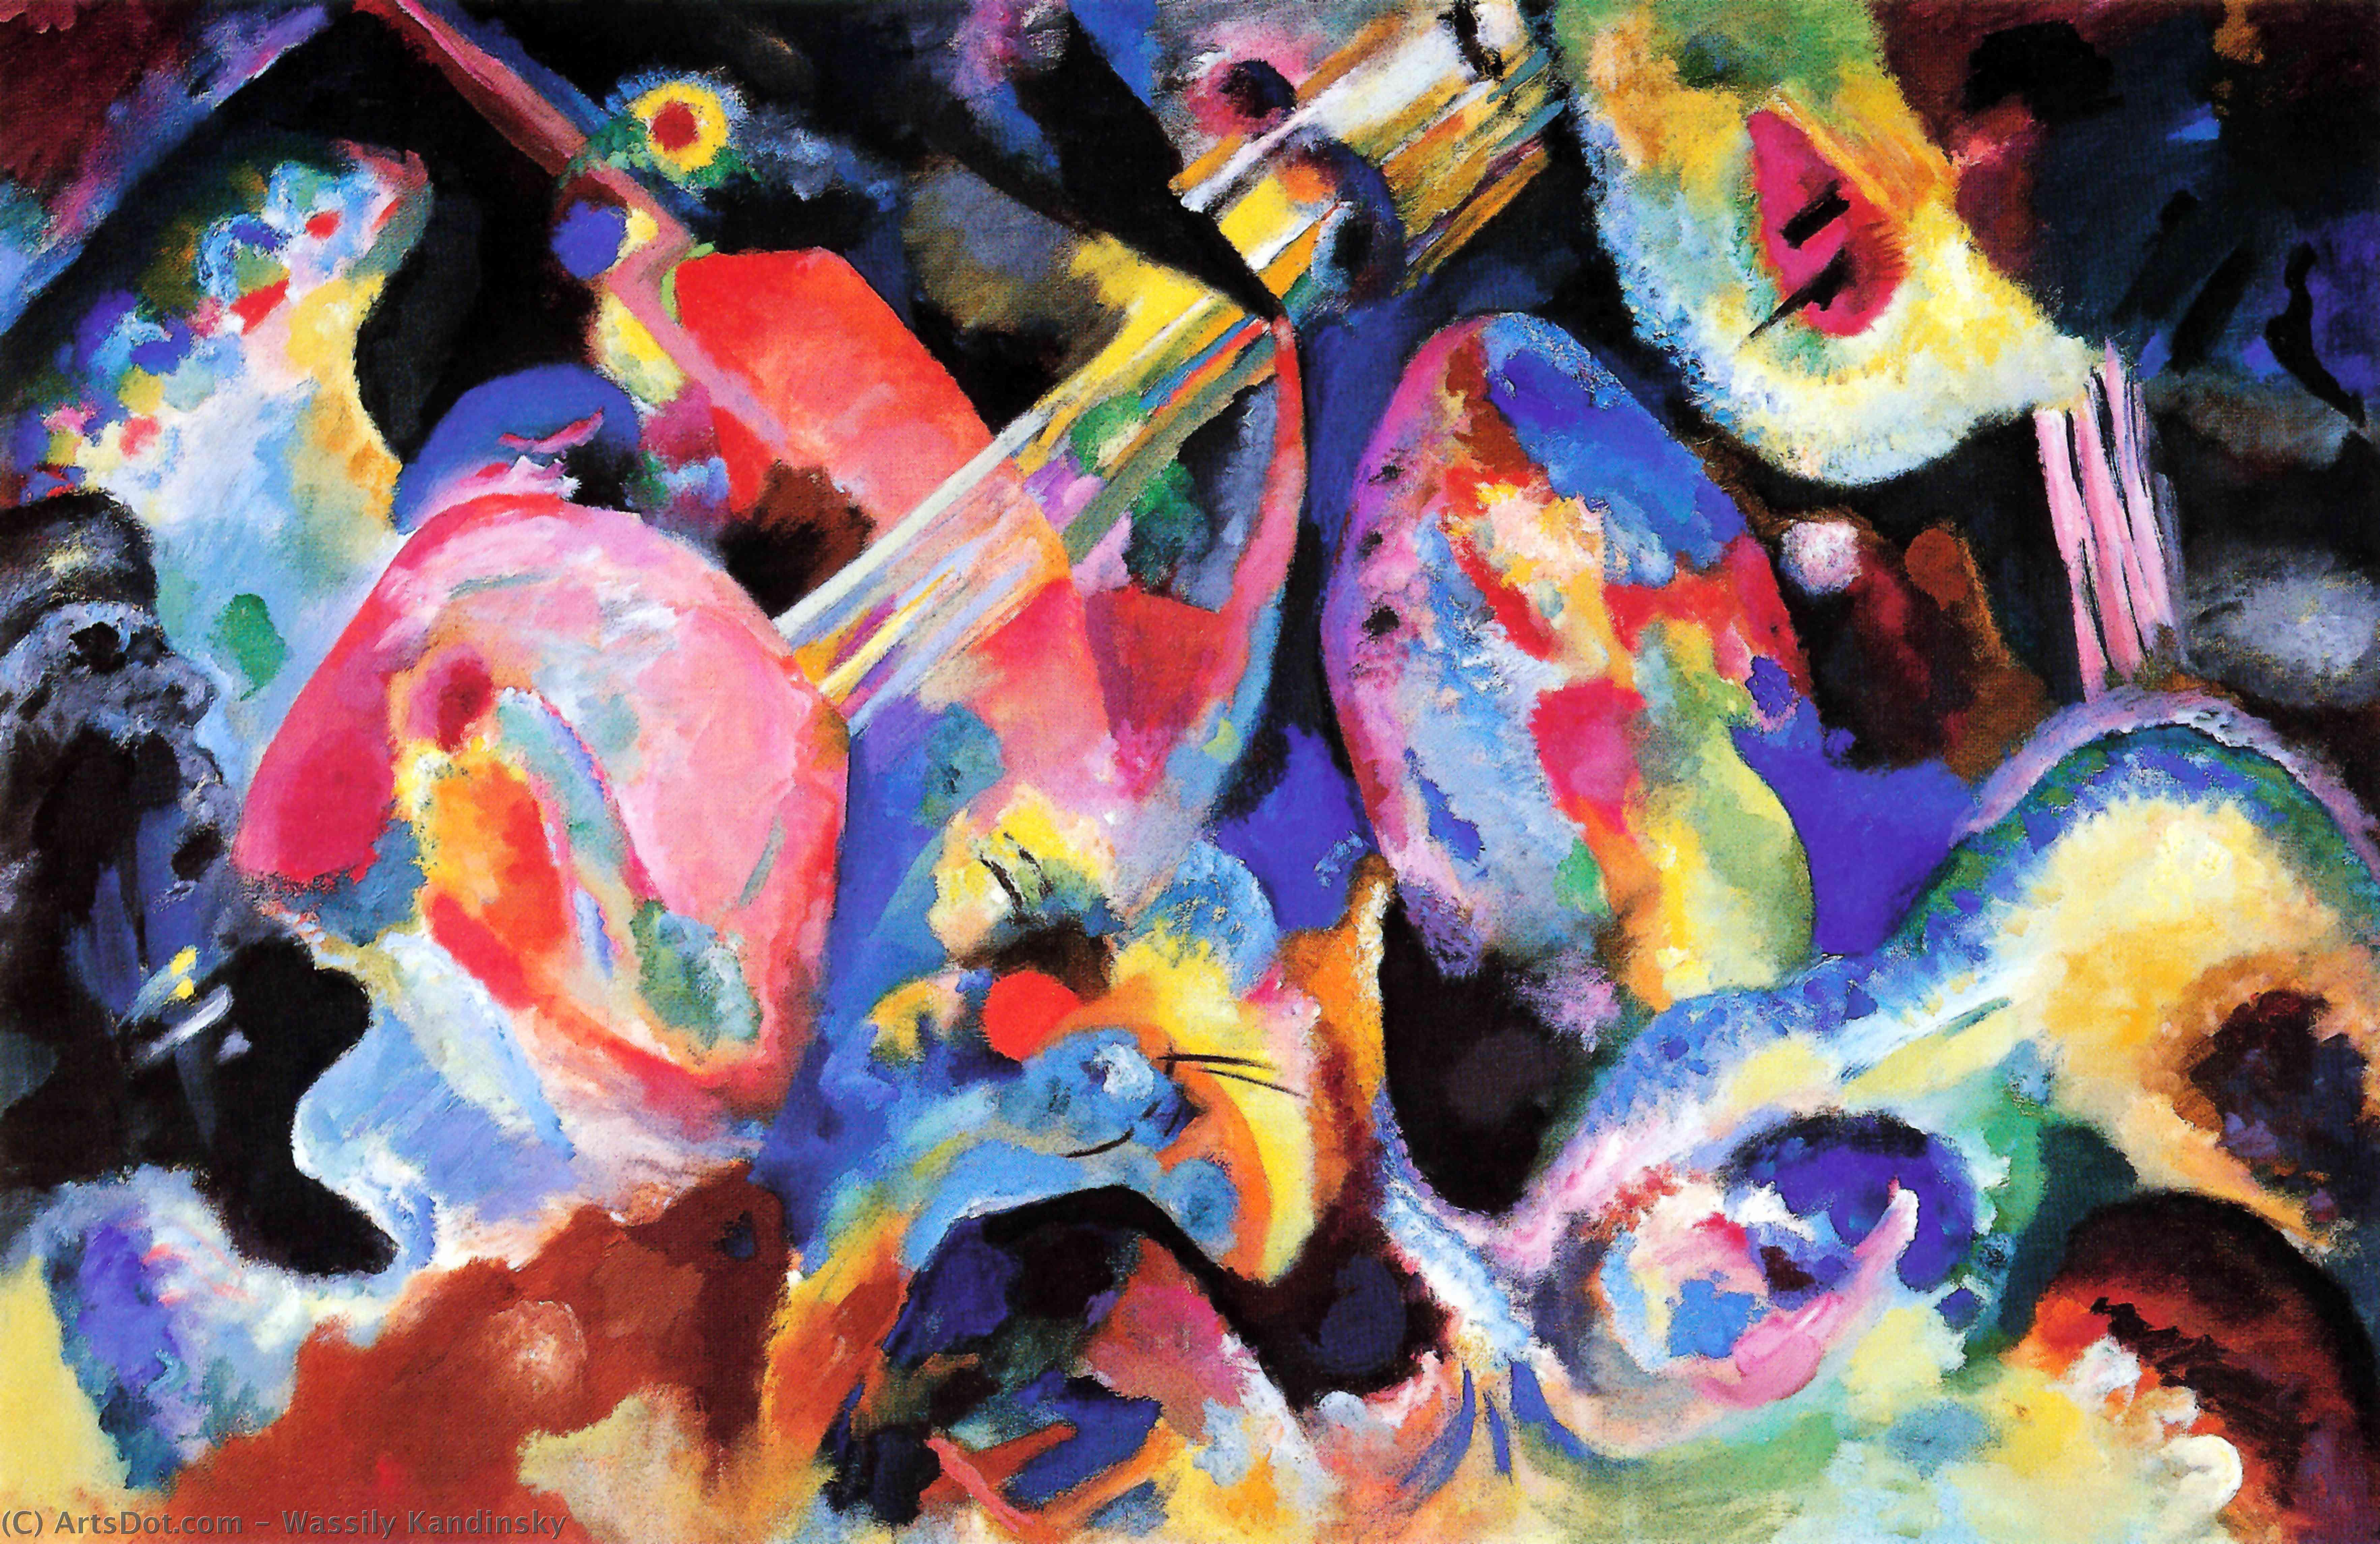 Wikoo.org - موسوعة الفنون الجميلة - اللوحة، العمل الفني Wassily Kandinsky - Flood improvisation